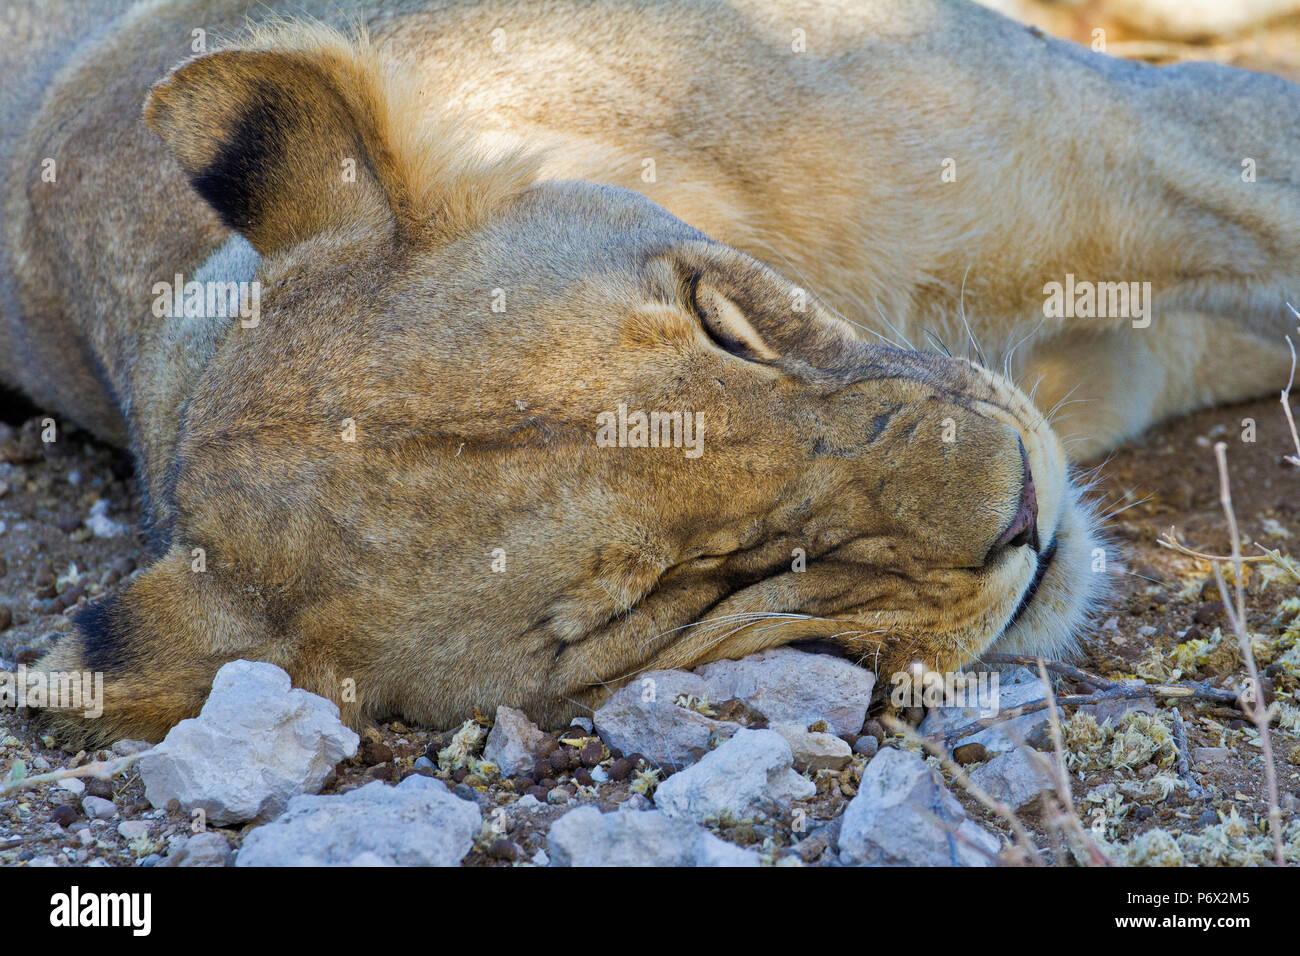 Head shot of sleeping Lion - Panthera leo - in Etosha, Namibia - Stock Image